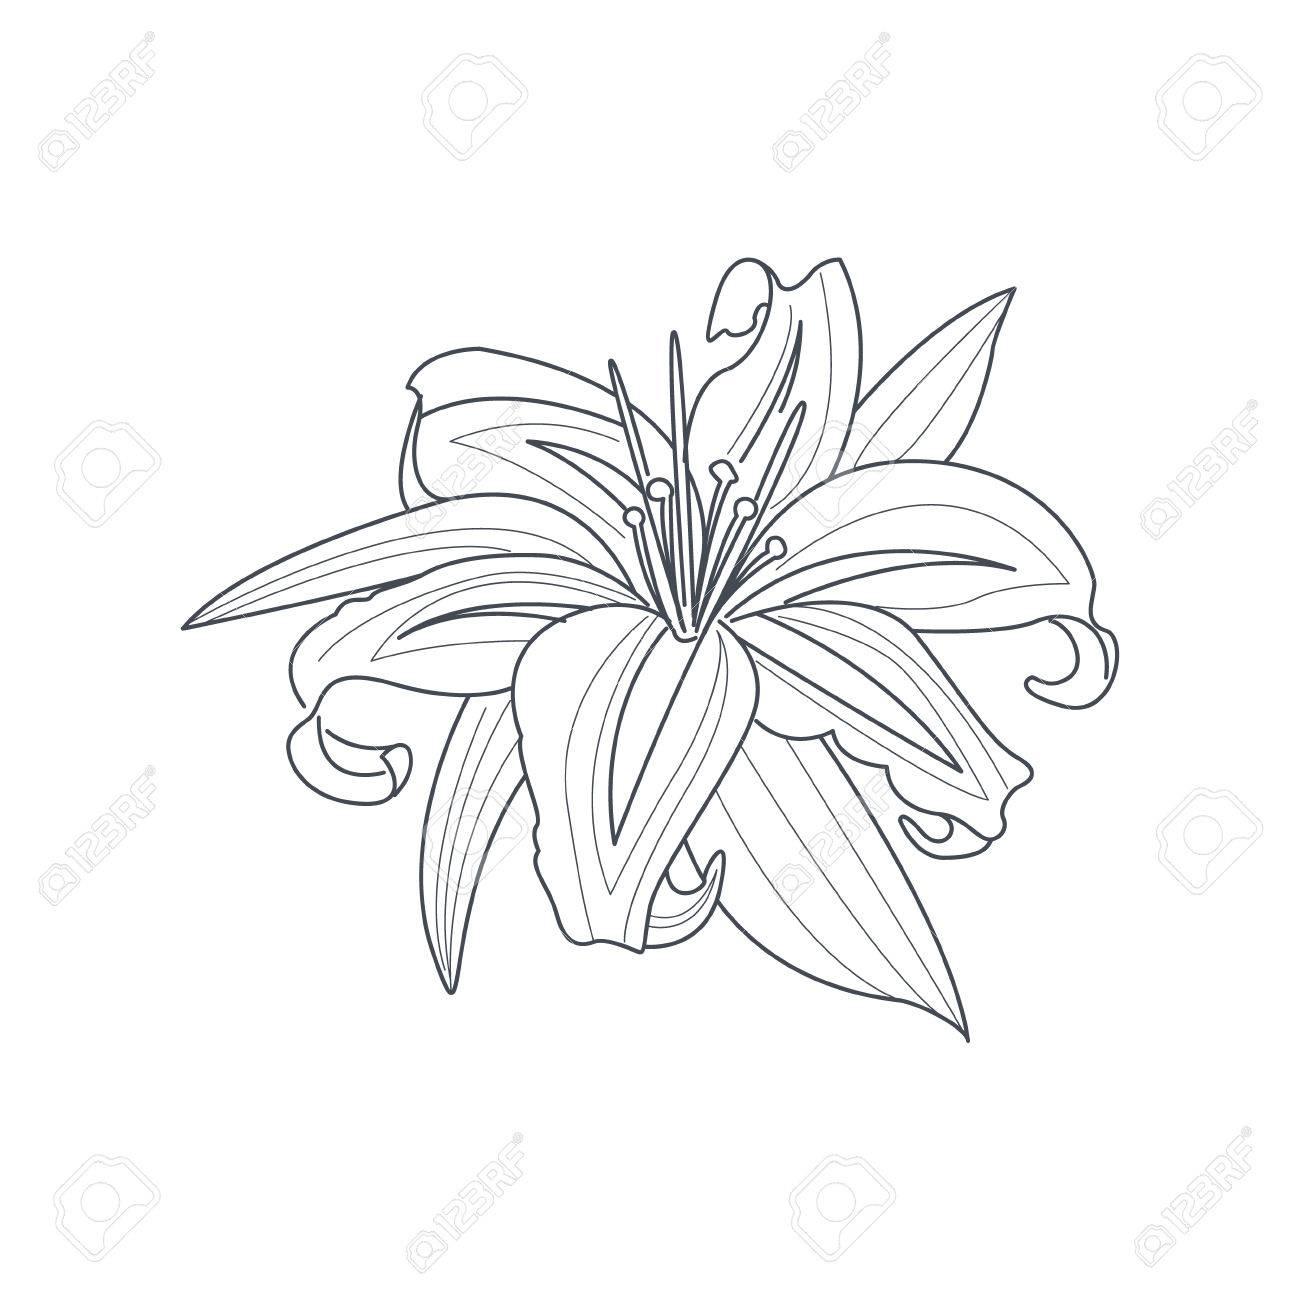 Lily Flor Dibujo Monocromo Para Colorear Libro Mano Dibujado Vector